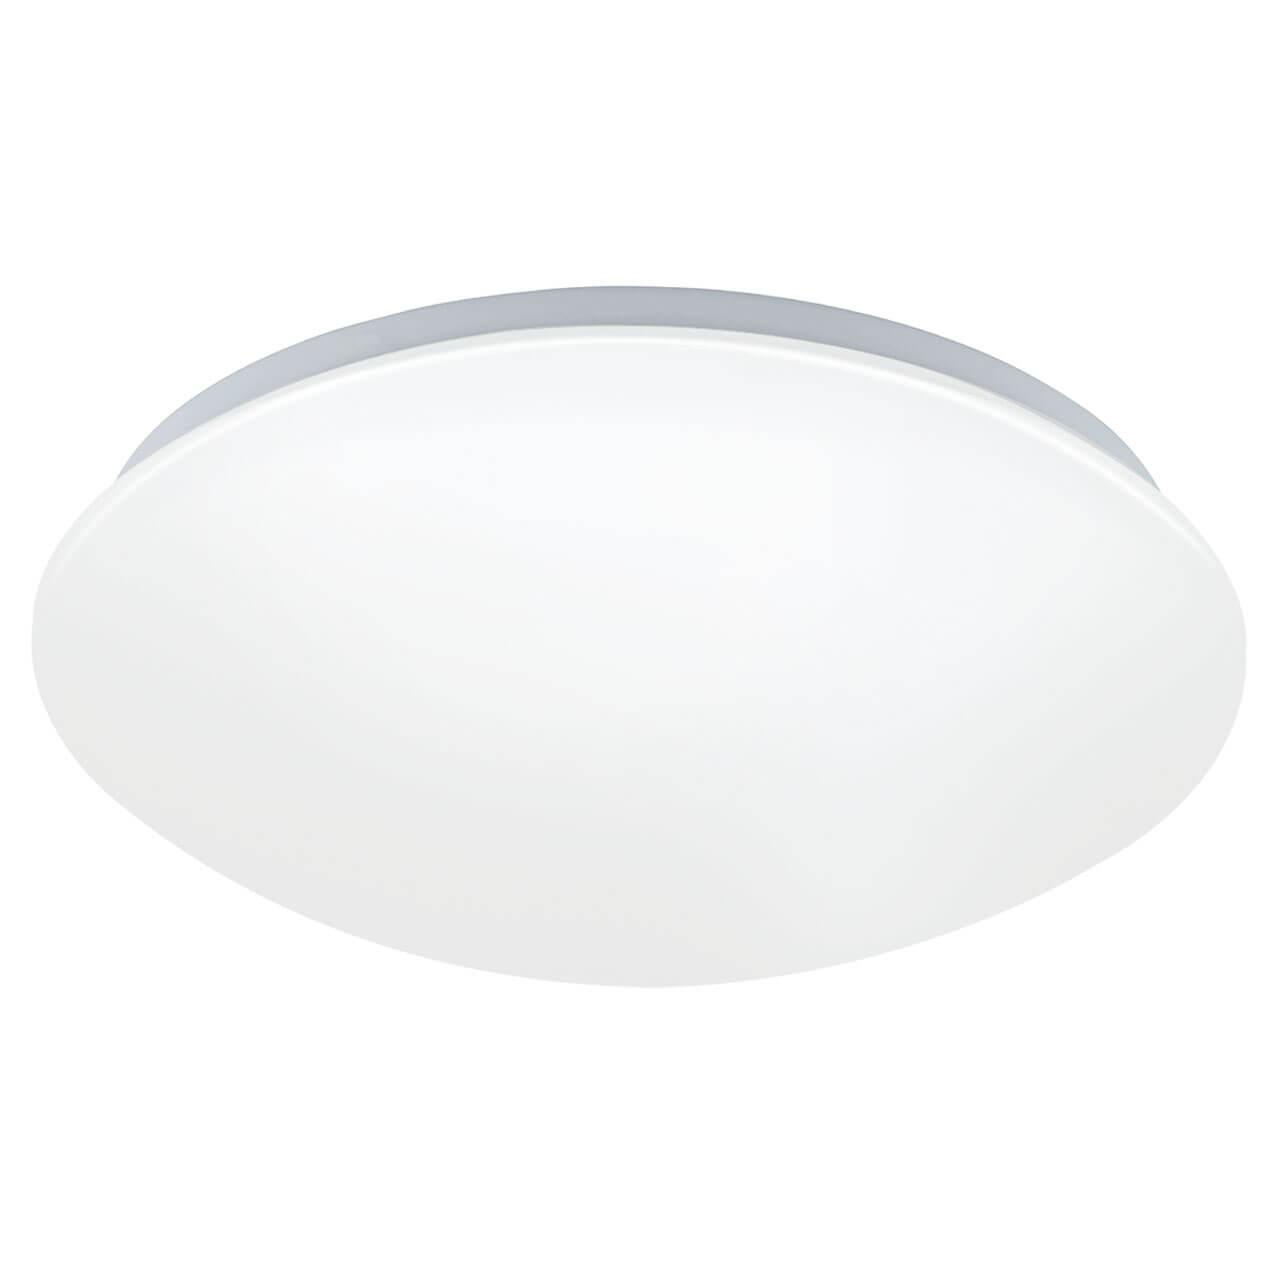 Накладной светильник Eglo 97105, LED, 24 Вт потолочный светодиодный светильник eglo giron c 32589